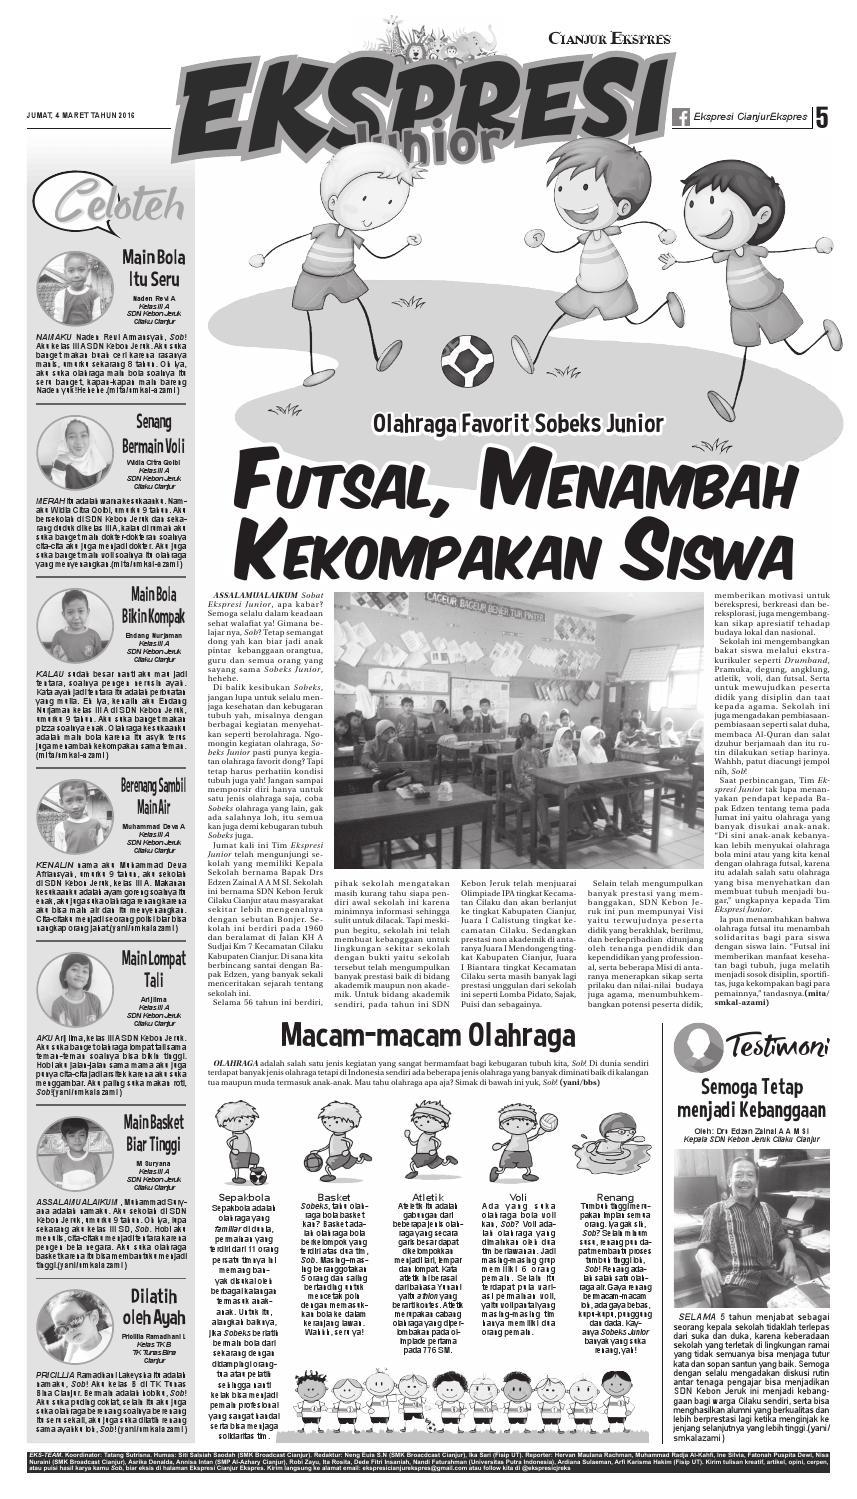 Artikel Tentang Lompat Tinggi : artikel, tentang, lompat, tinggi, Cianjur, Ekspres, Maret, Ricky, Issuu